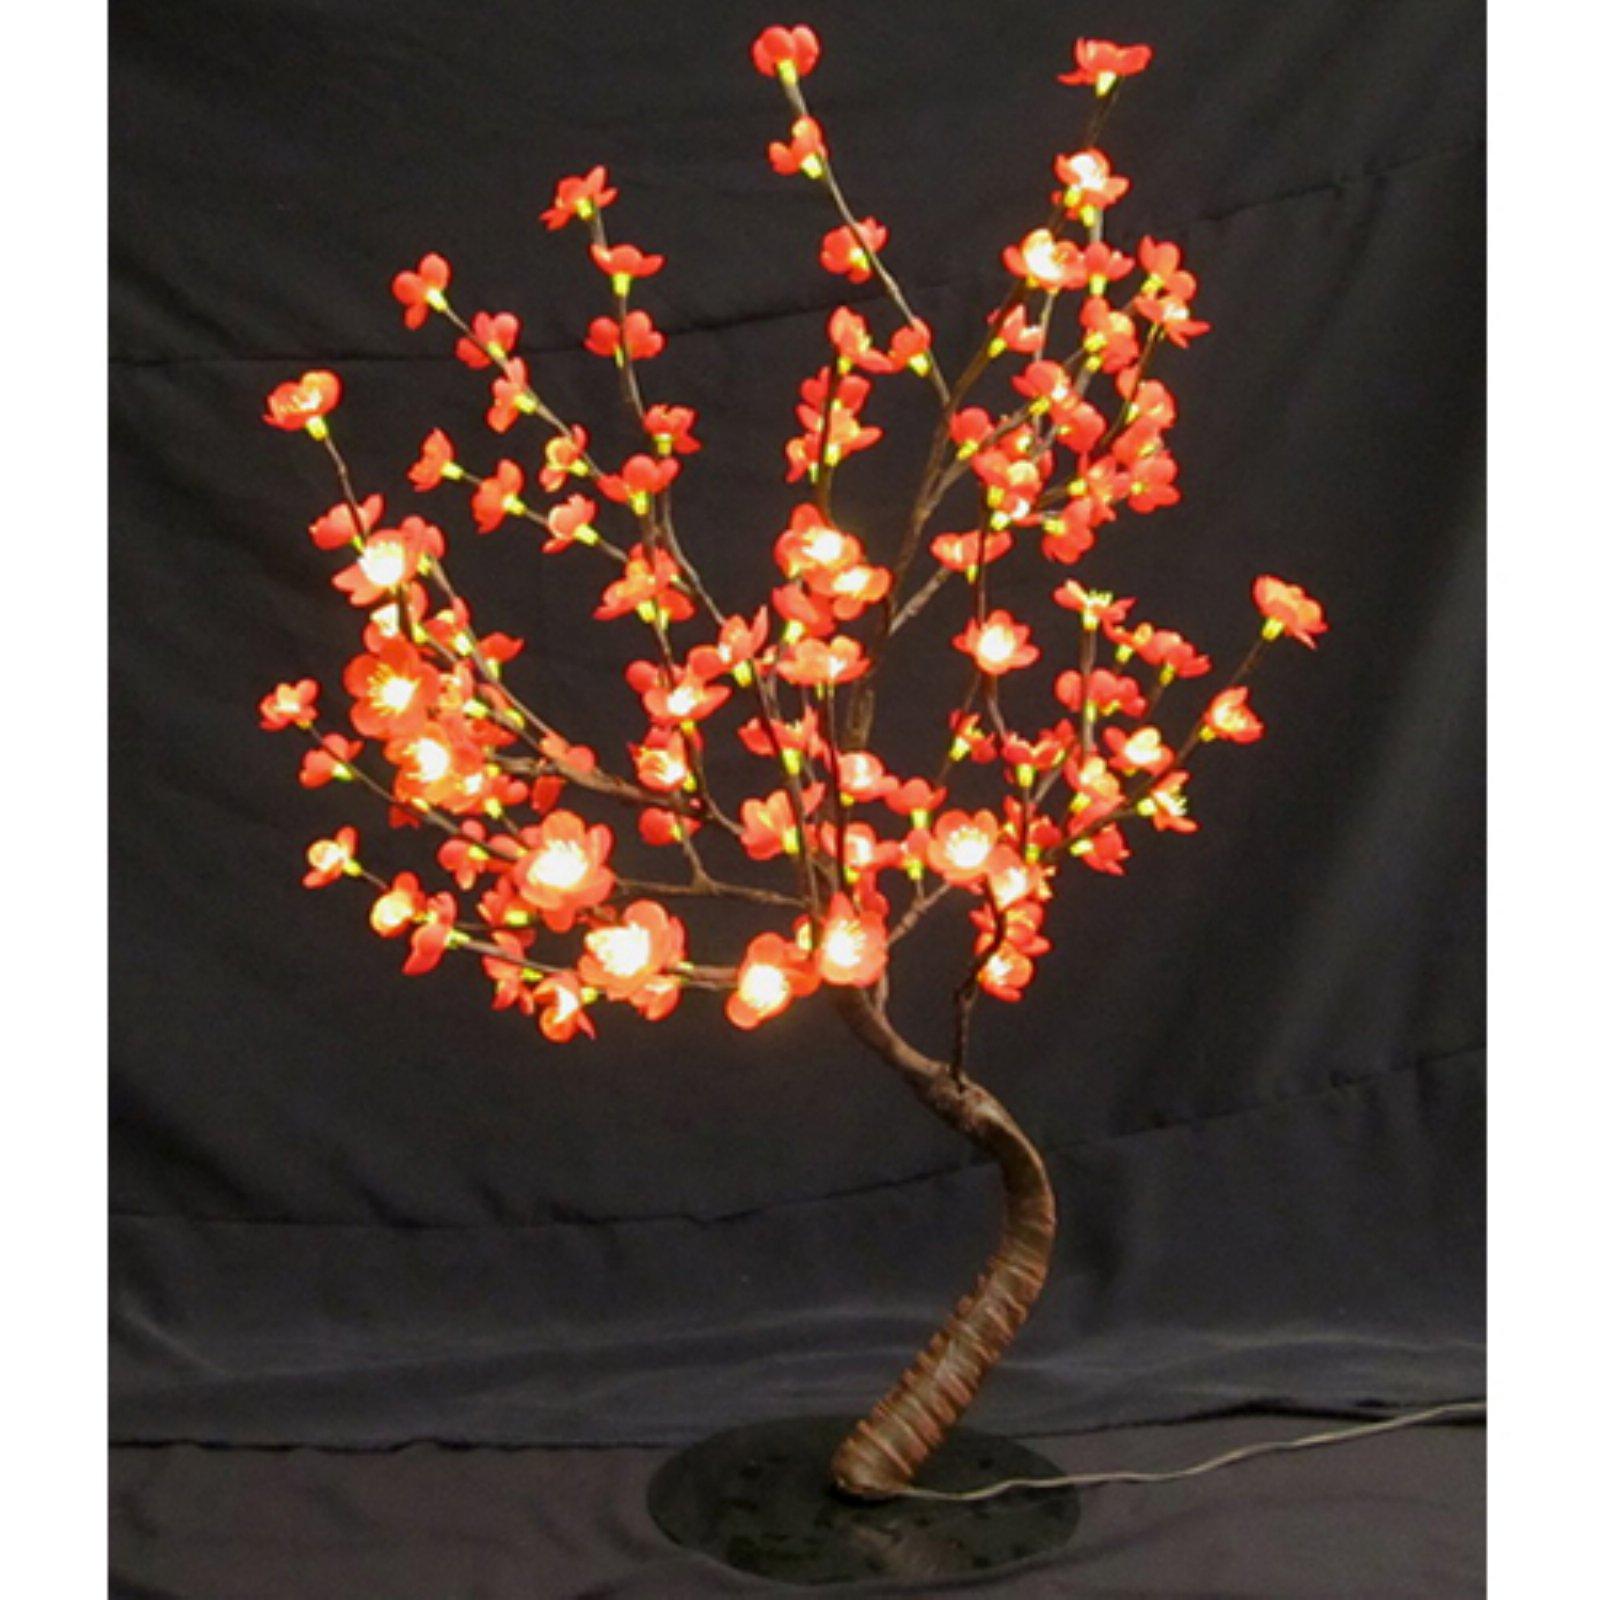 RED BONSAI TREE - 128 LEDS